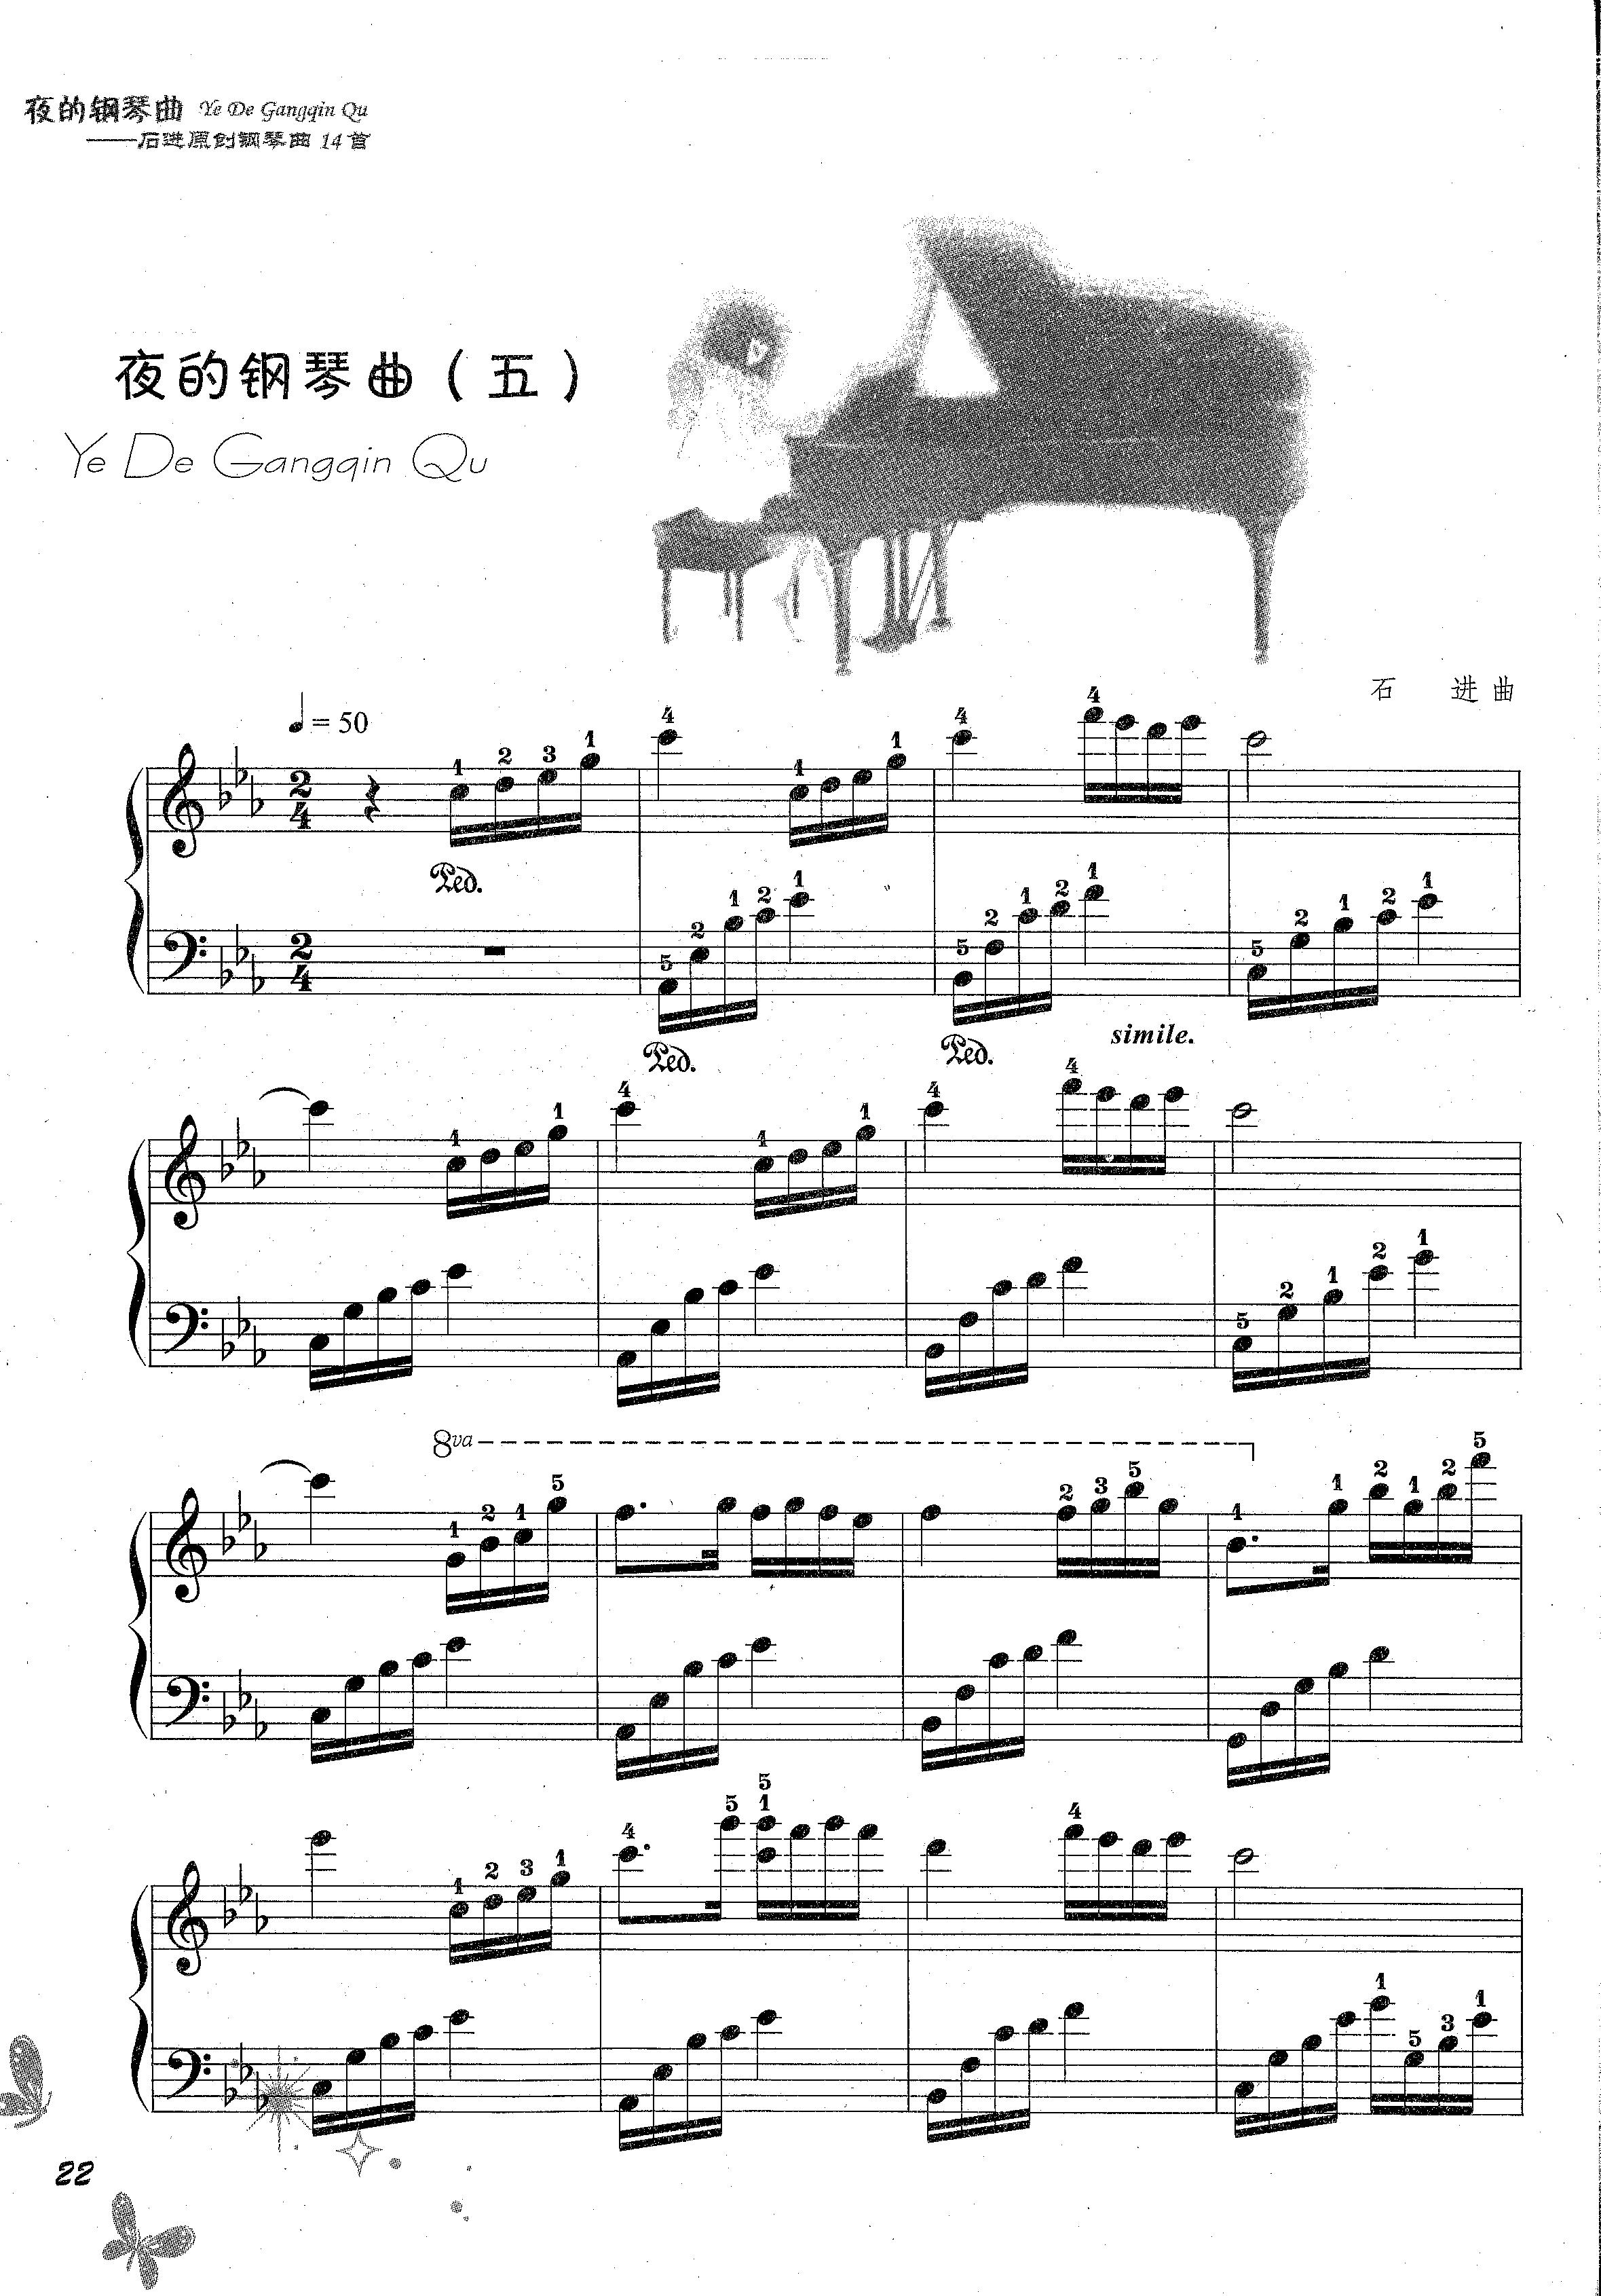 石进-夜的钢琴曲(五)-原创 钢琴谱